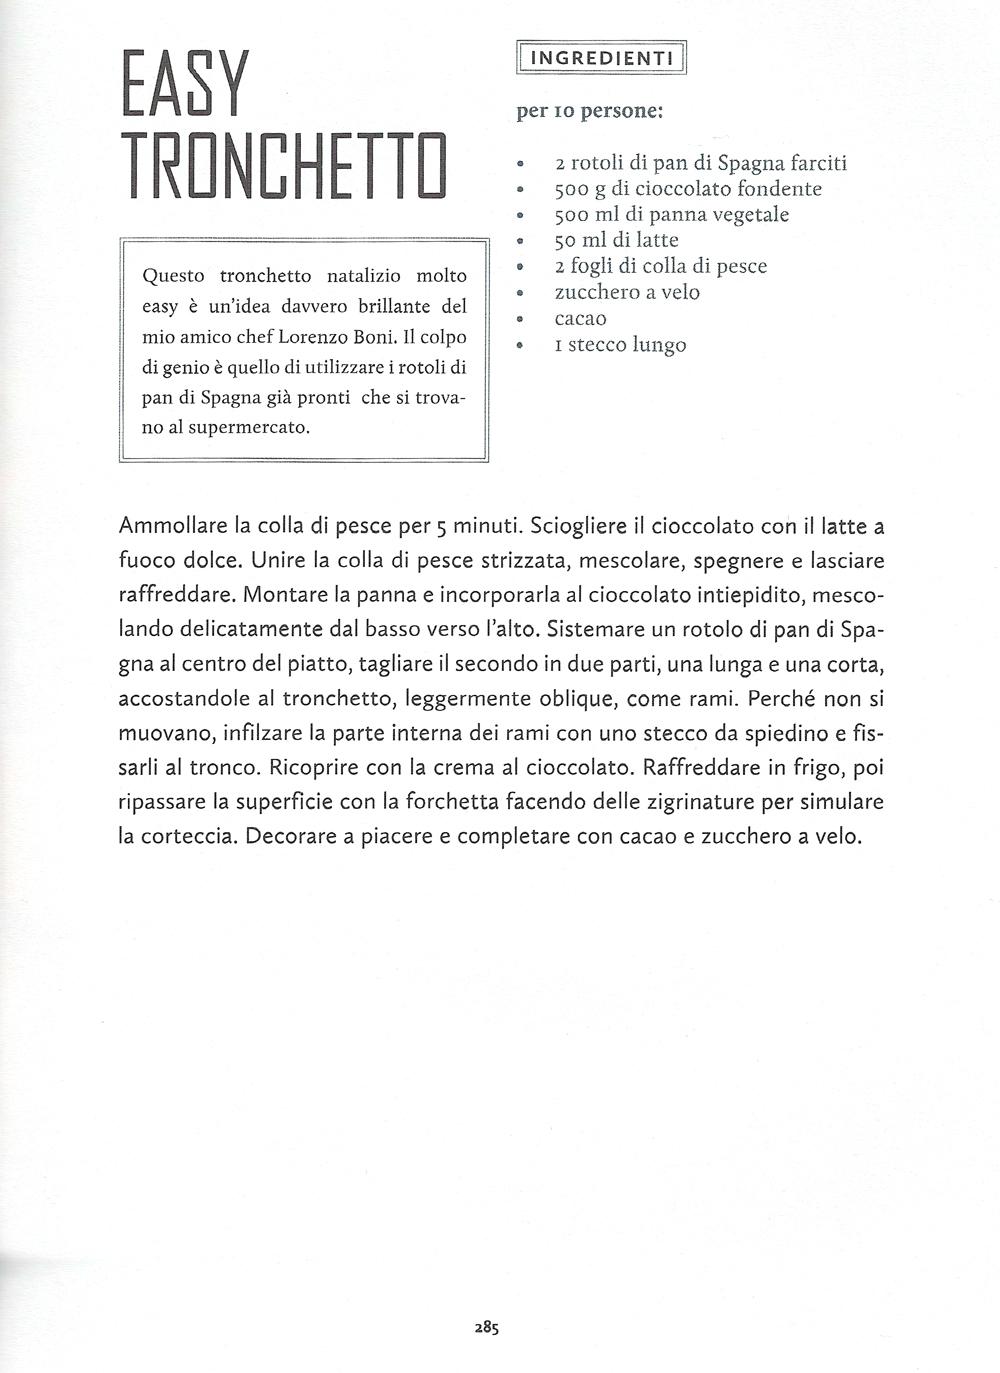 Tronchetto Di Natale Parodi.Easy Tronchetto Lorenzo Boni Chef